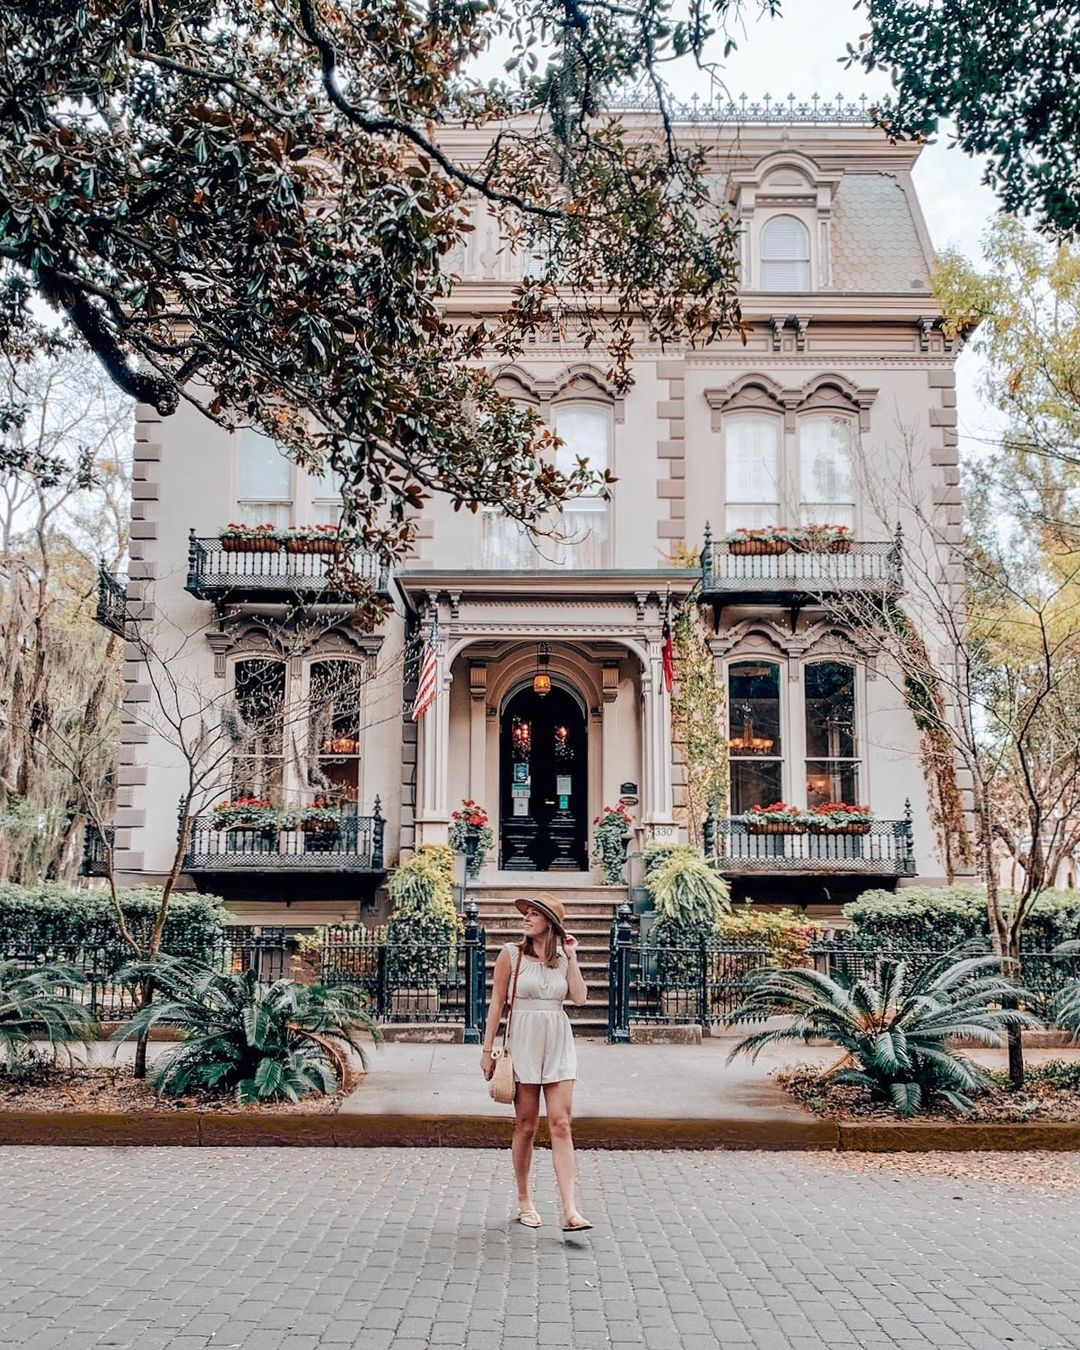 Girl poses in front of the Hamilton Turner Inn